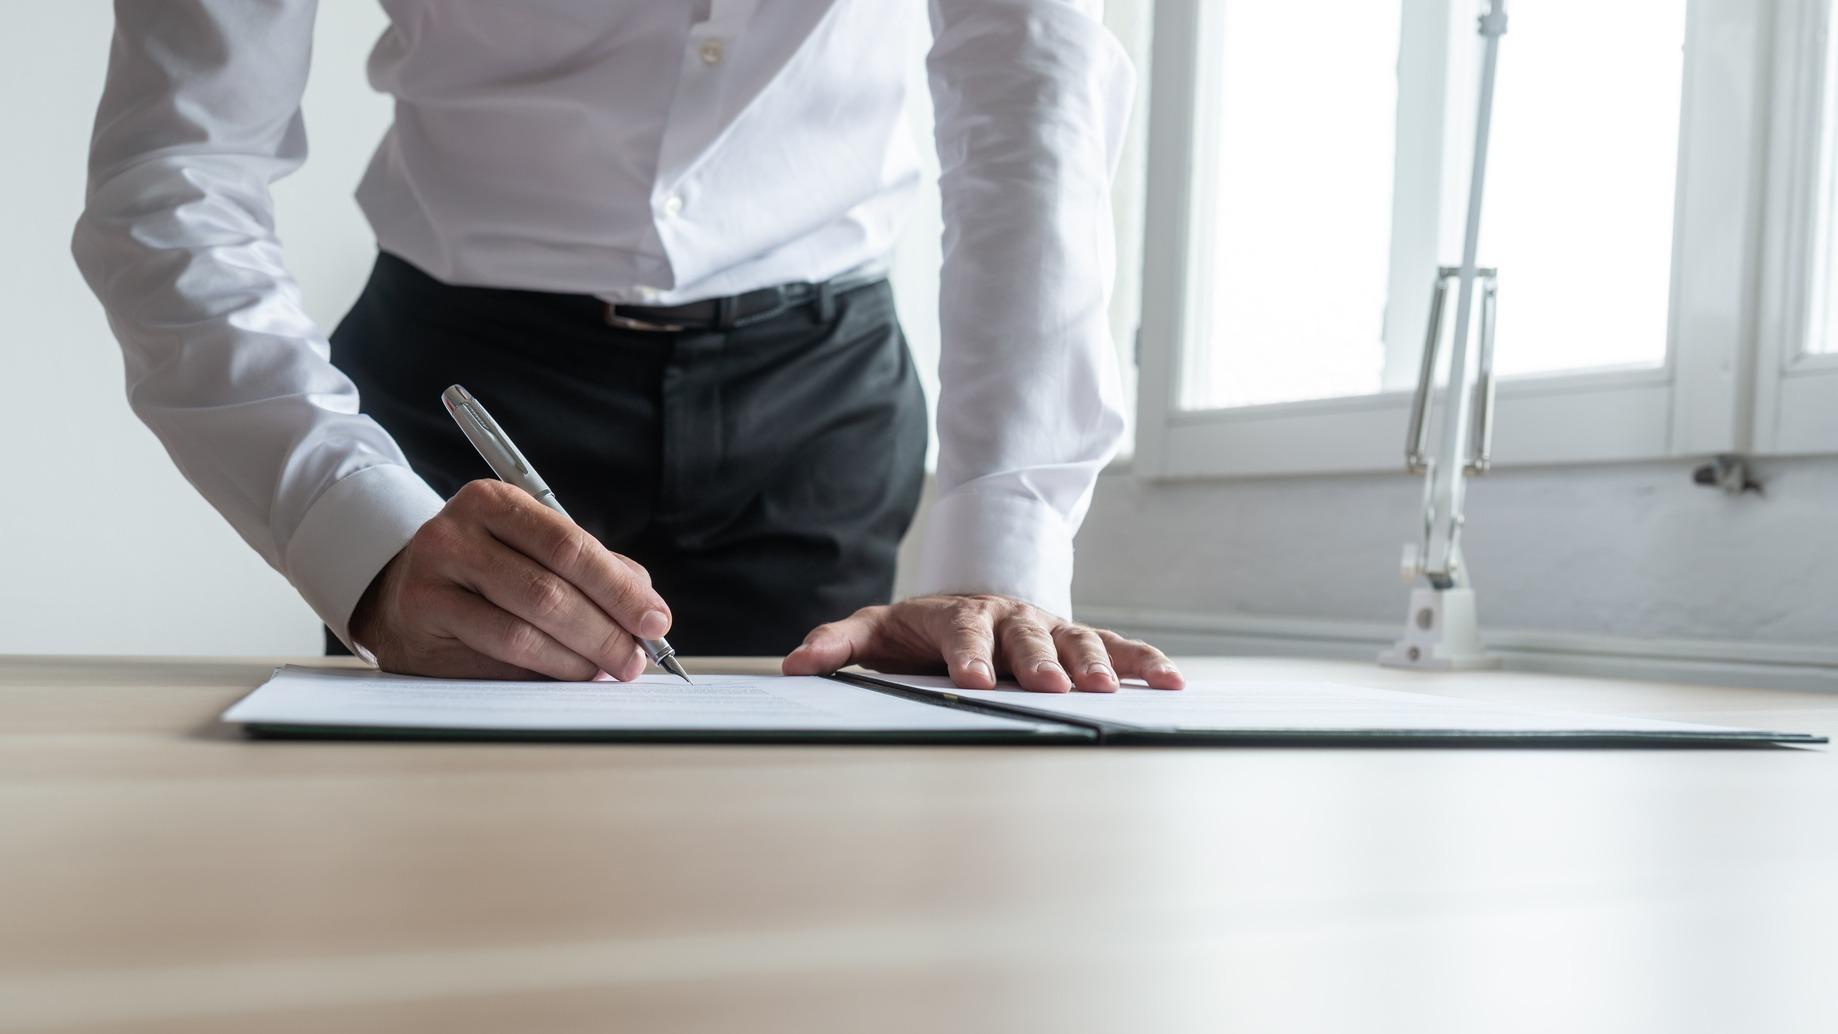 Frontansicht eines Bewerbers der gerade vor einem Tisch steht und einen Arbeitsvertrag unterzeichnet. Der Fokus liegt auf den Händen und dem Vertrag.